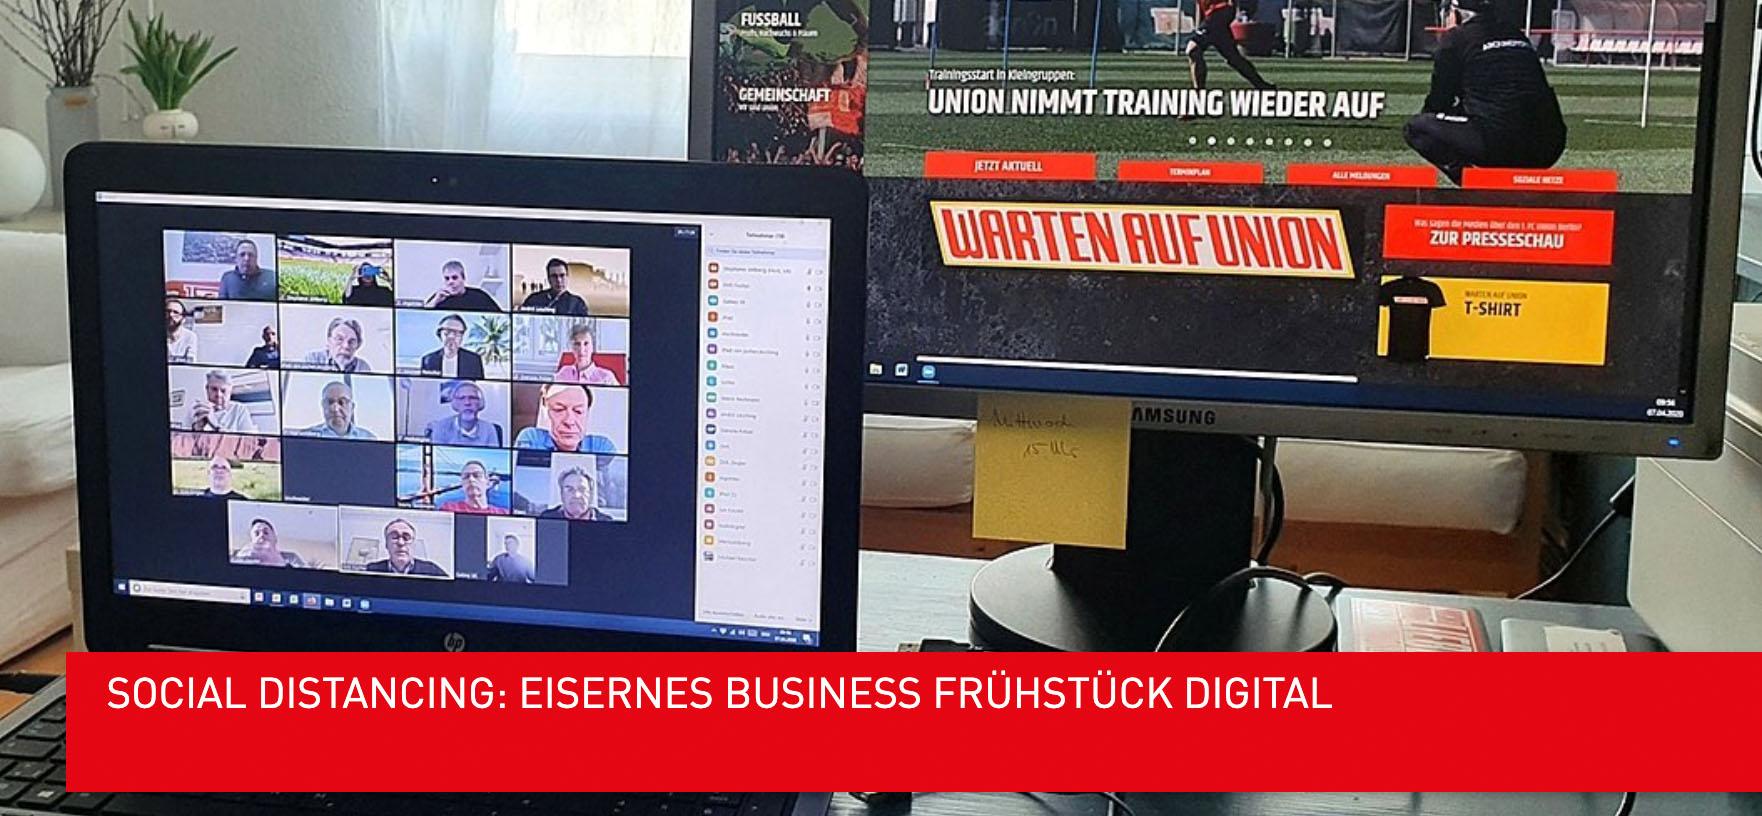 Ankündigung des digitalen Business-Frühstücks des Wirtschaftsrats, Bild via Wirtschaftsrat des 1. FC Union Berlin